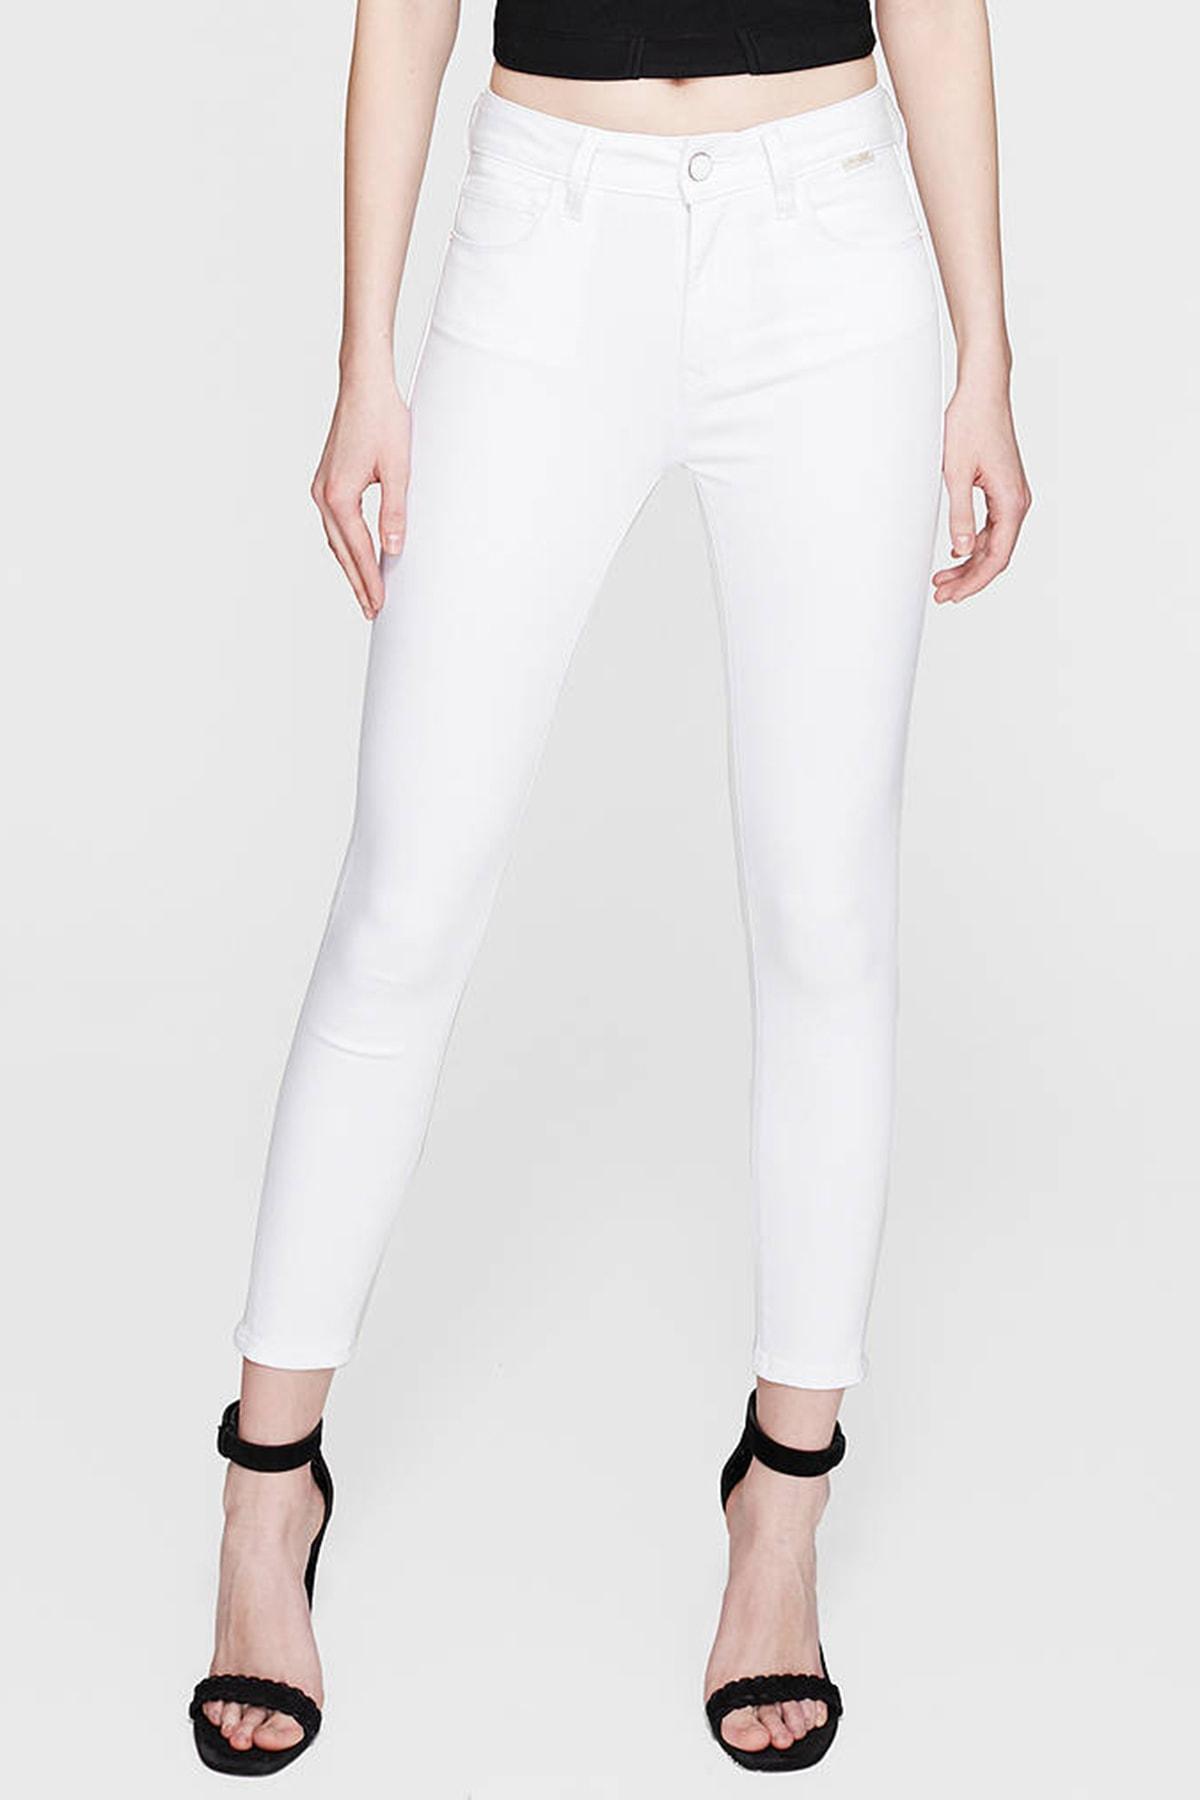 Mavi Kadın Tess Gold Beyaz Jean 100328-28143 2